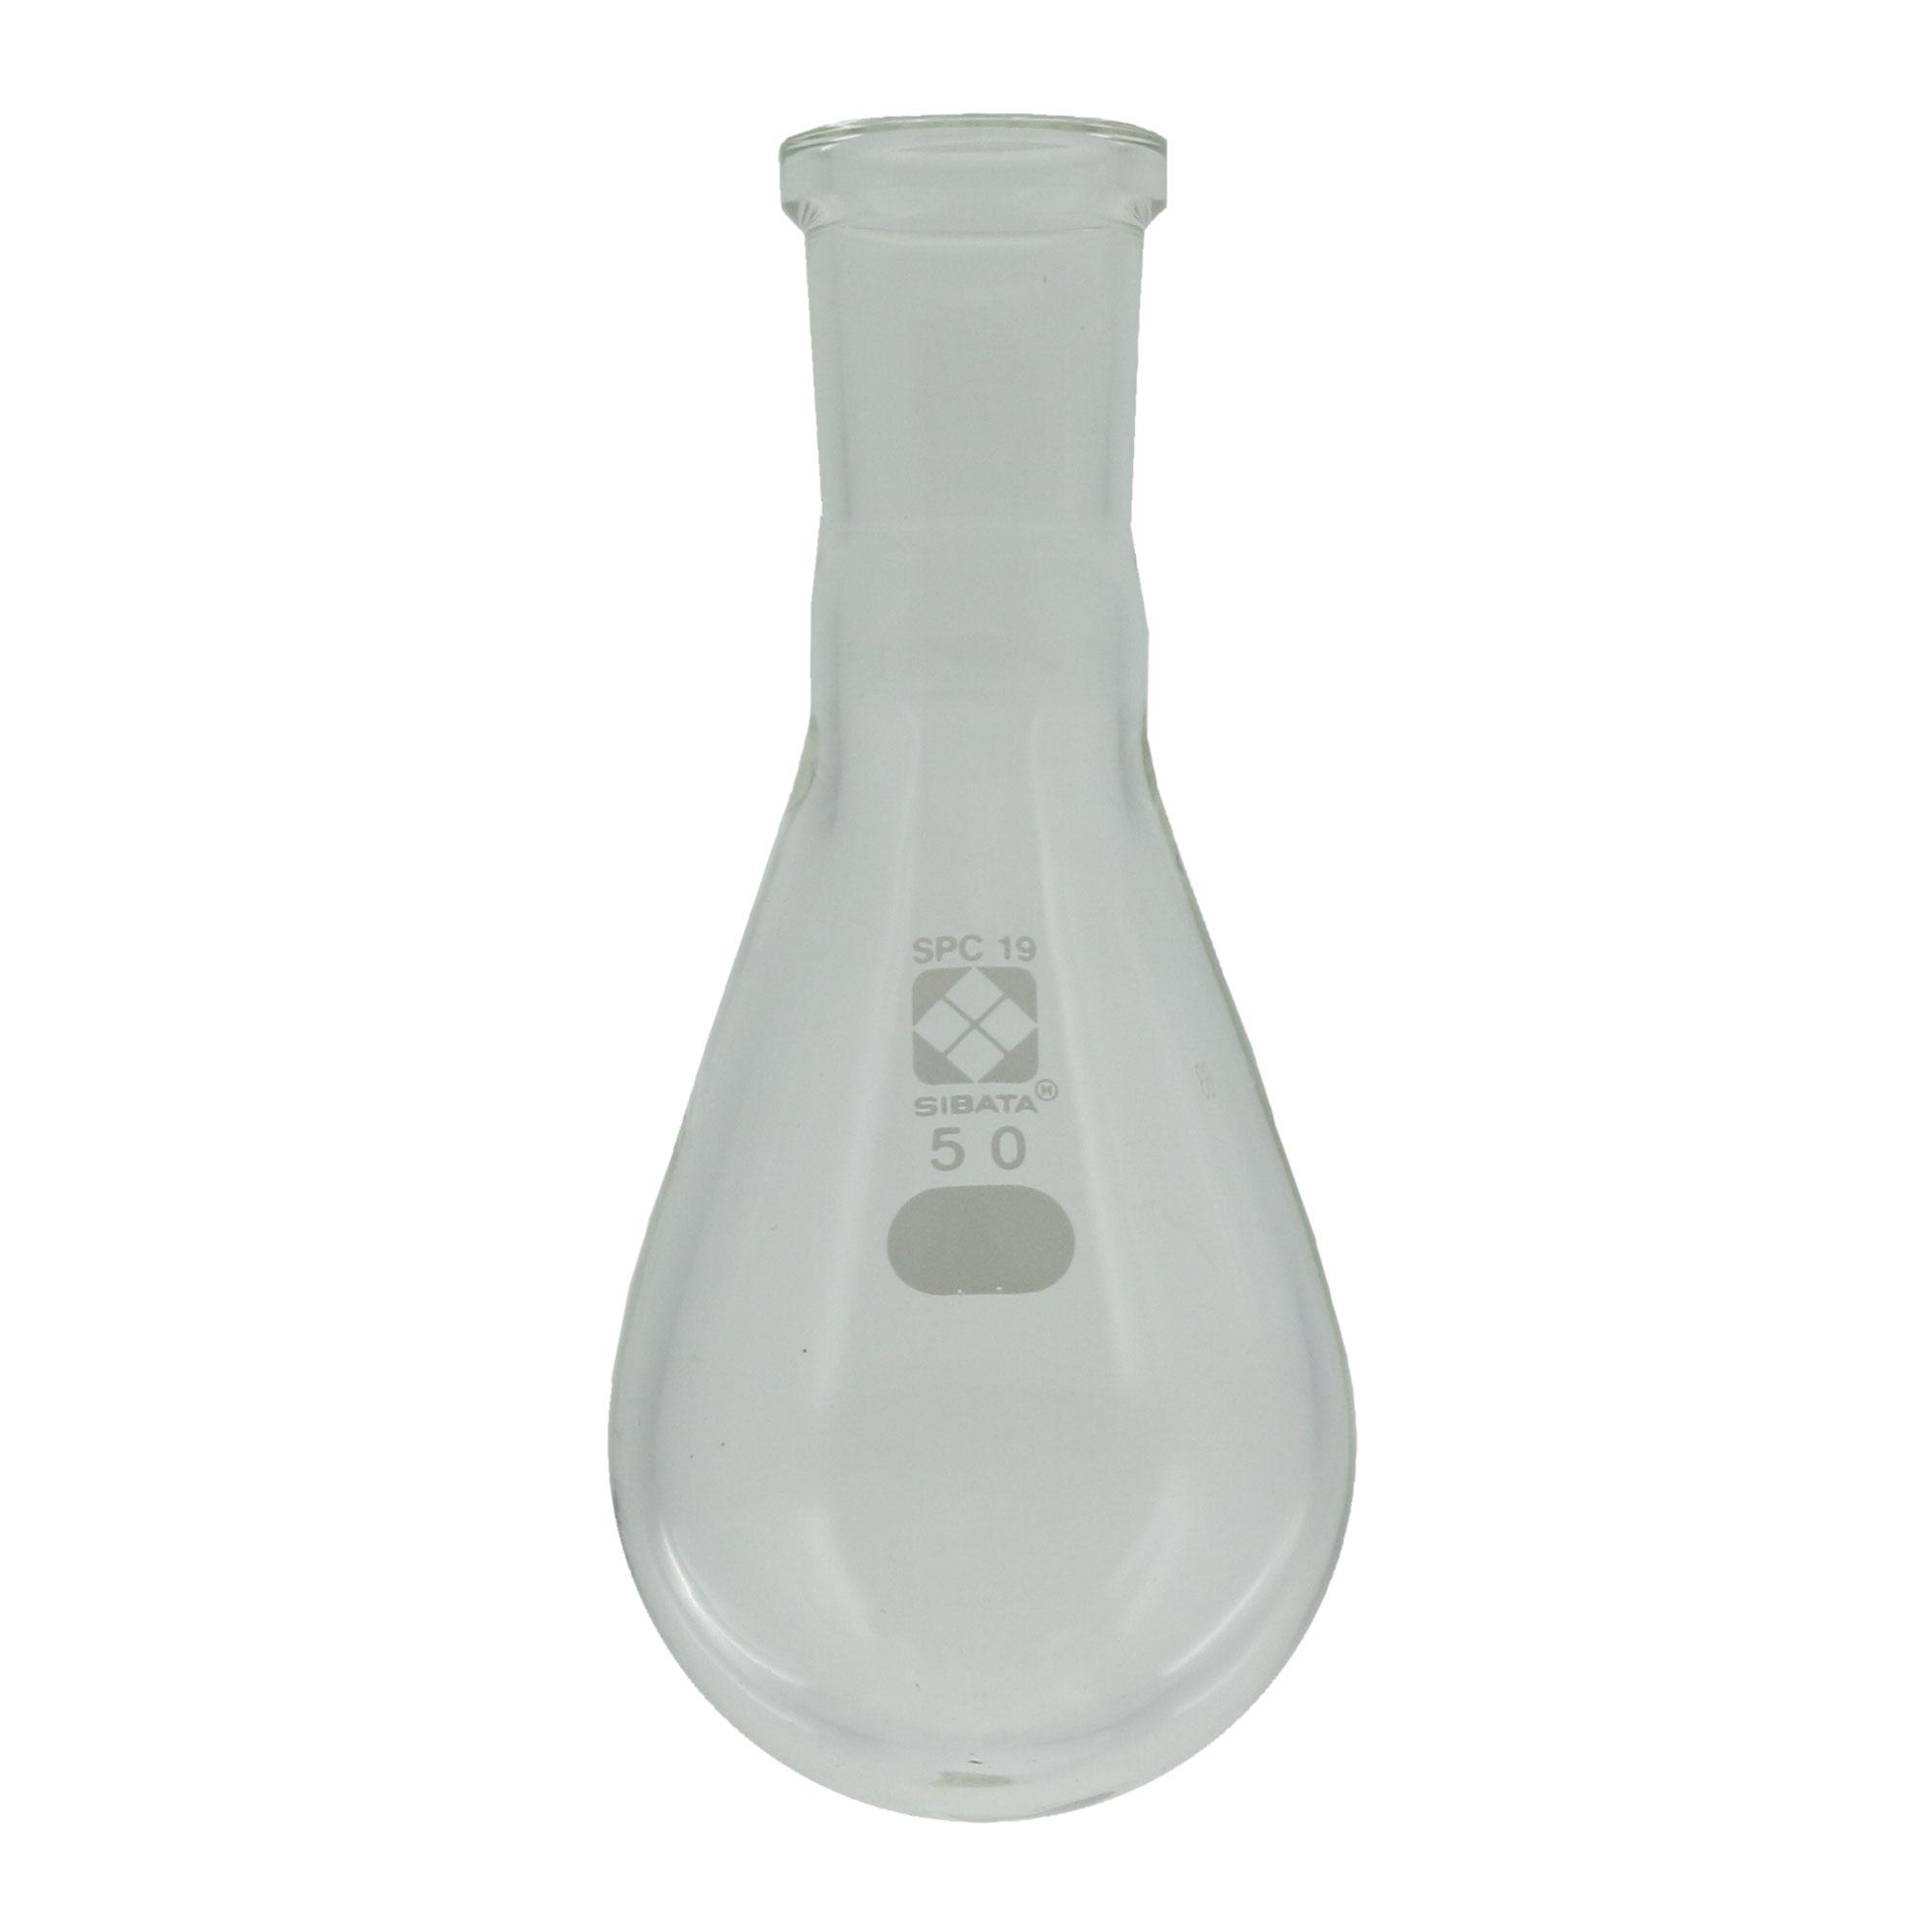 SPCなす形フラスコ 50mL SPC-19